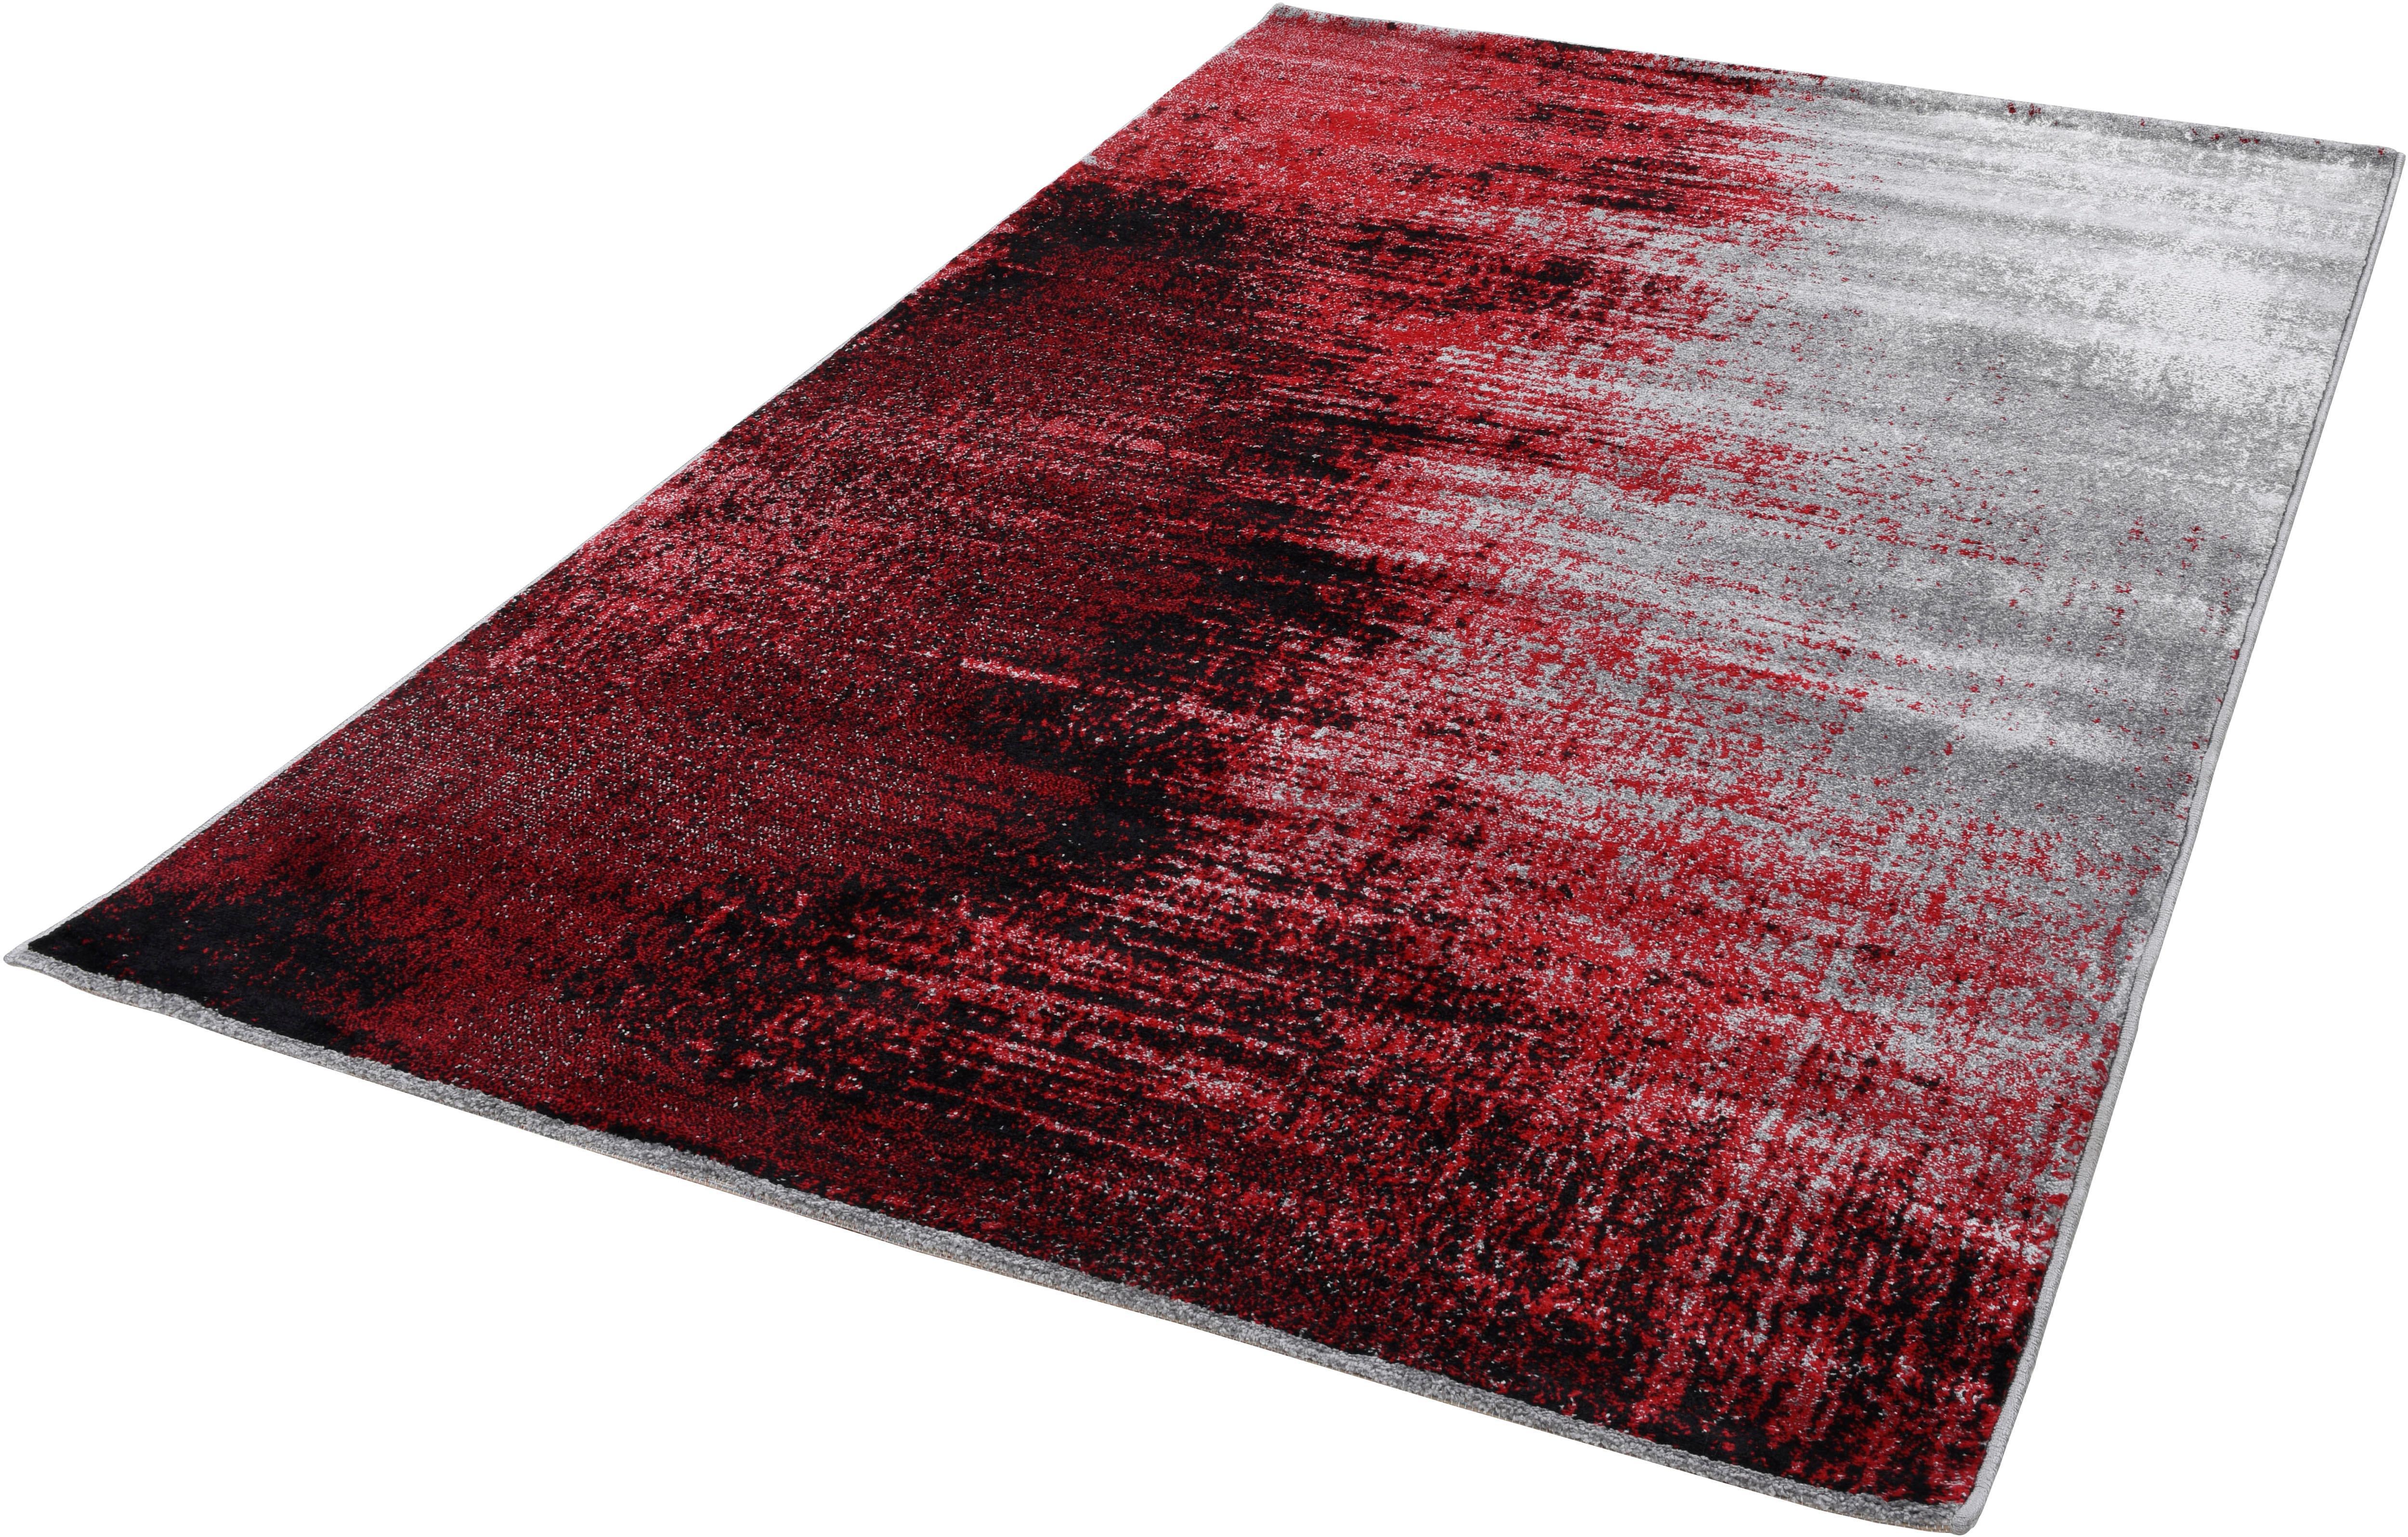 Teppich Monia 023 Gino Falcone rechteckig Höhe 11 mm maschinell gewebt